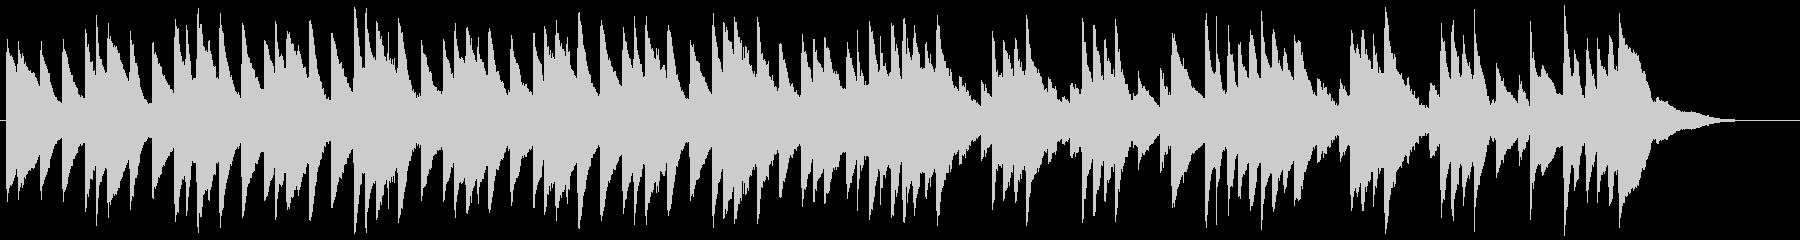 流行のコンセプトムービーBGMサウンド④の未再生の波形